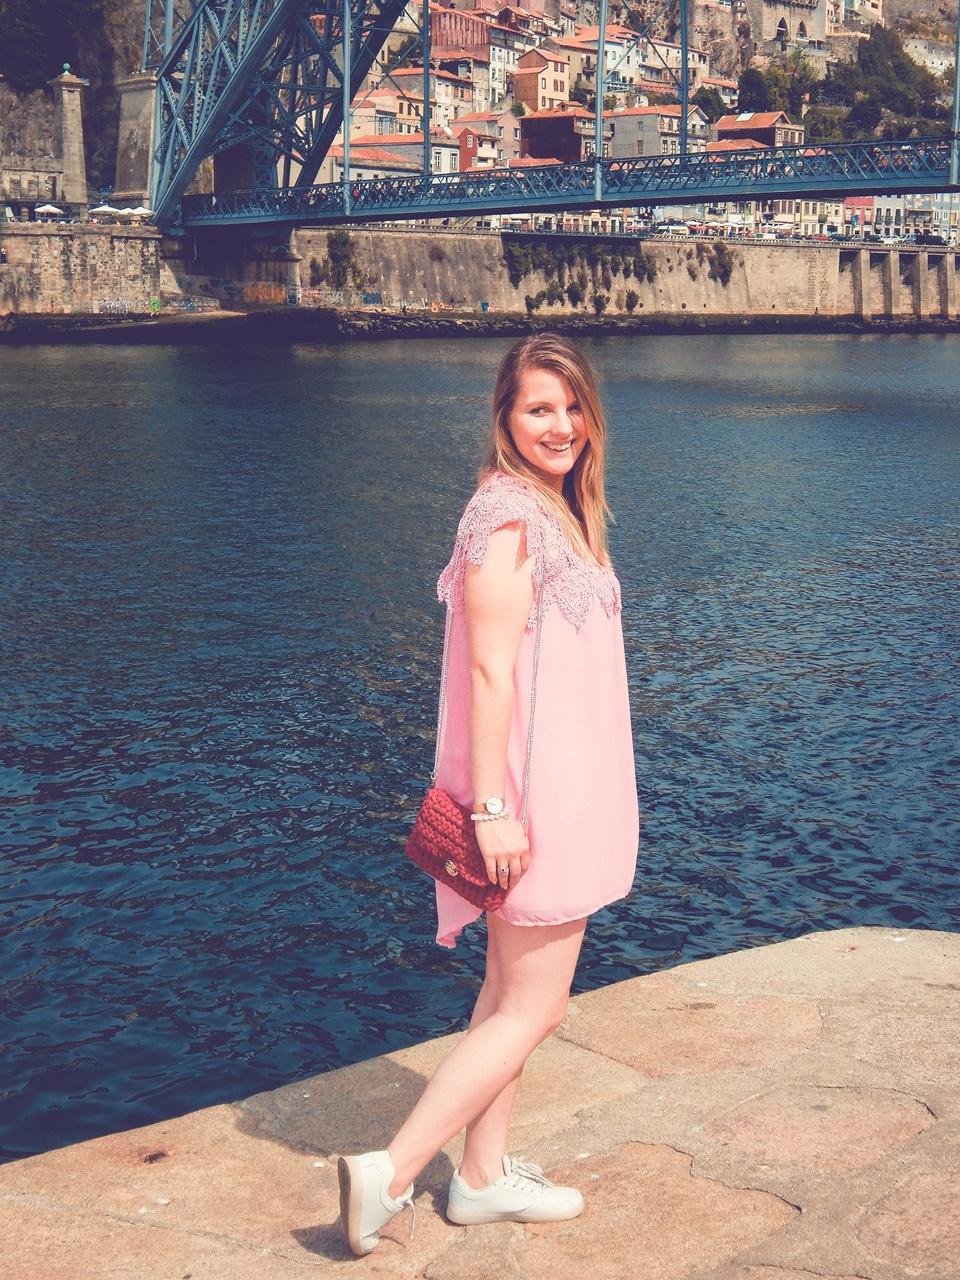 6 bizuteria piotrowski konkurs wygraj bizuterie sukienka zaful opinie moje recenzje rady czy warto kupowac czy oplaca sie porto most rzeka duoro co zobaczyc